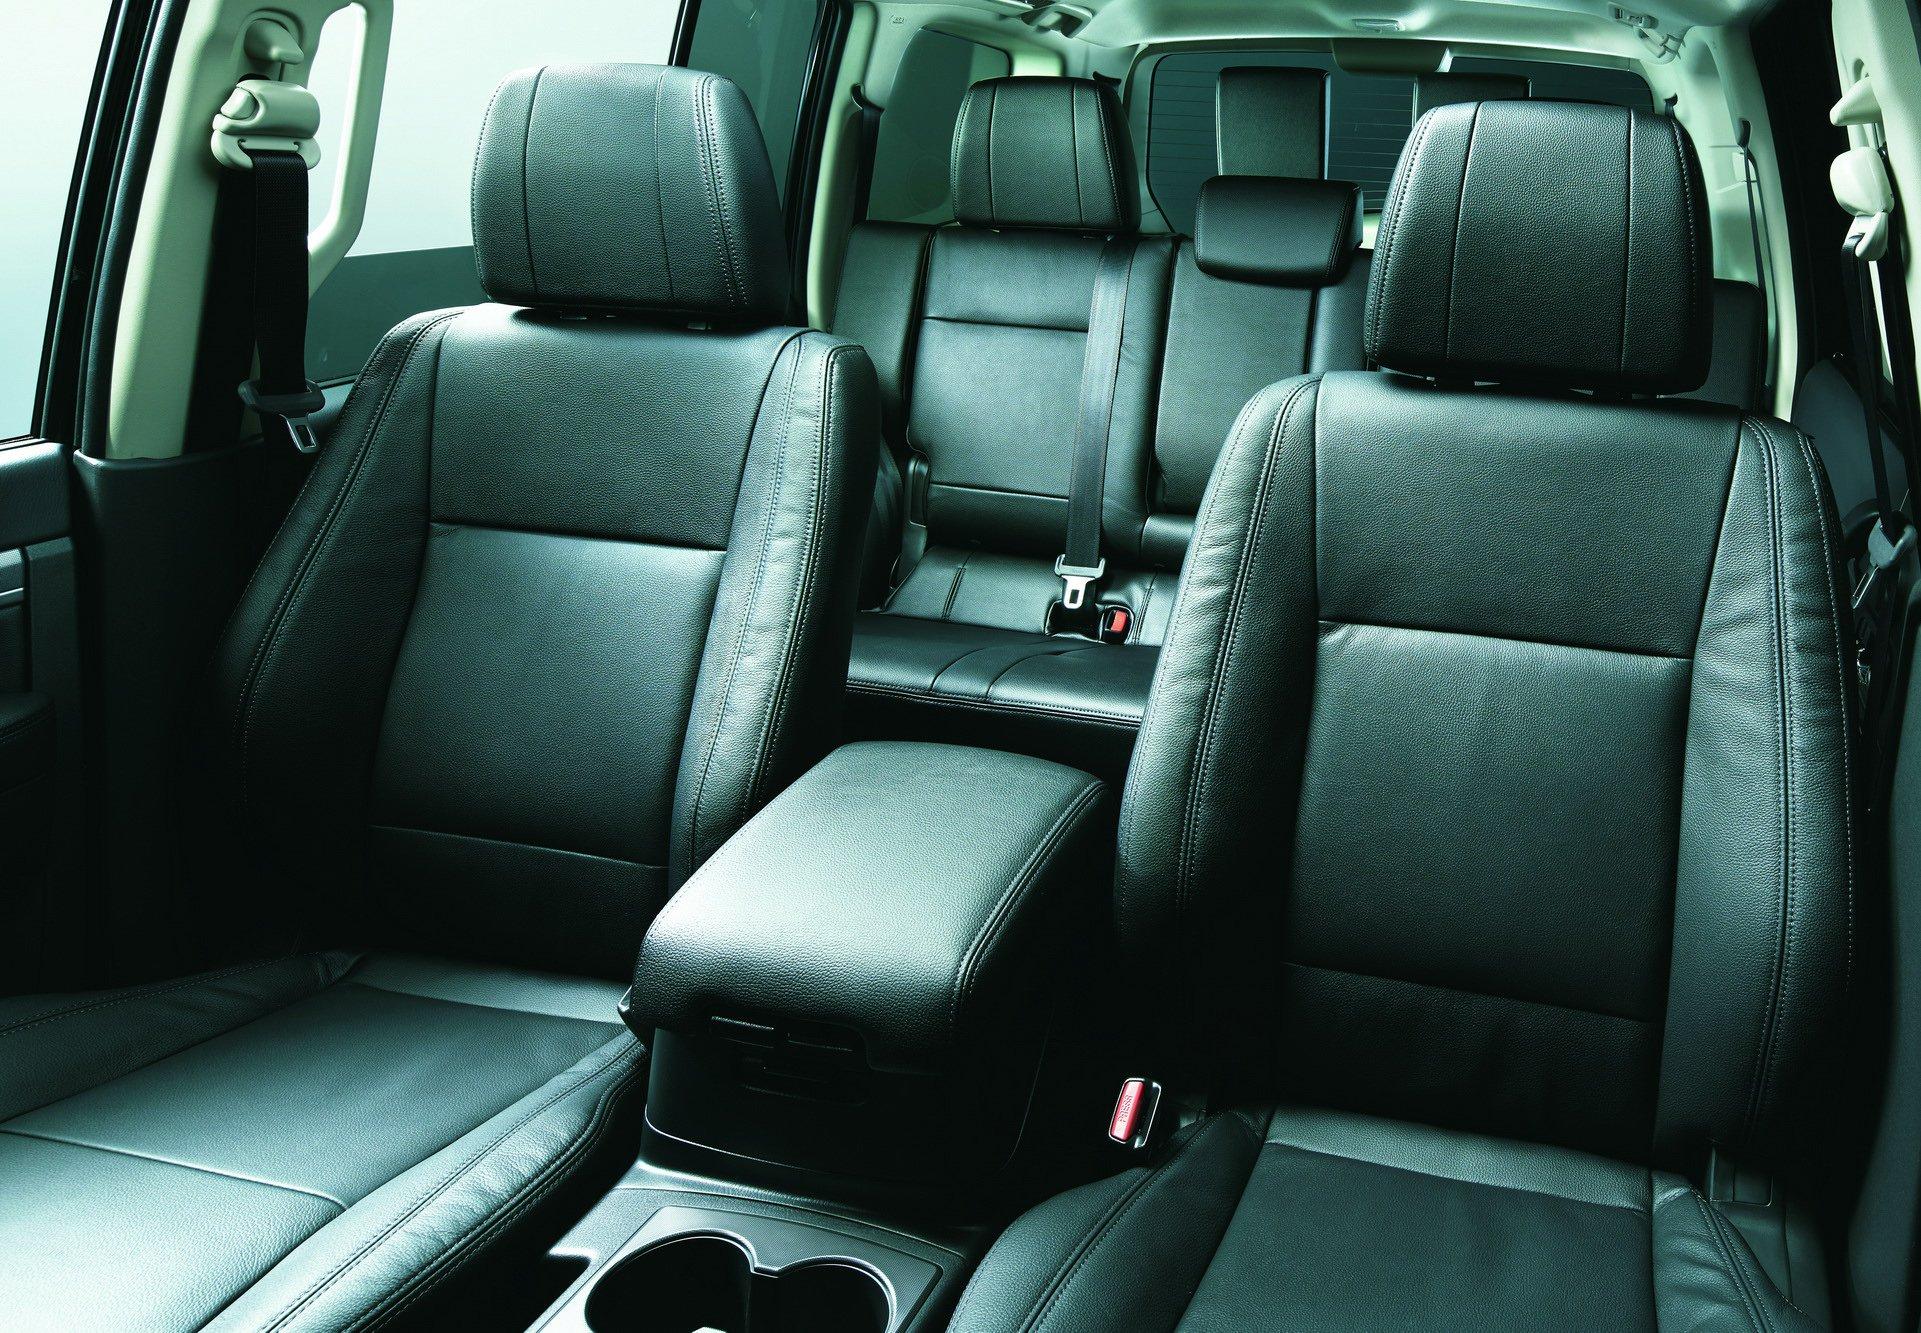 Mitsubishi giới thiệu Pajero Final Edition phiên bản cuối cùng, giới hạn 700 chiếc 6